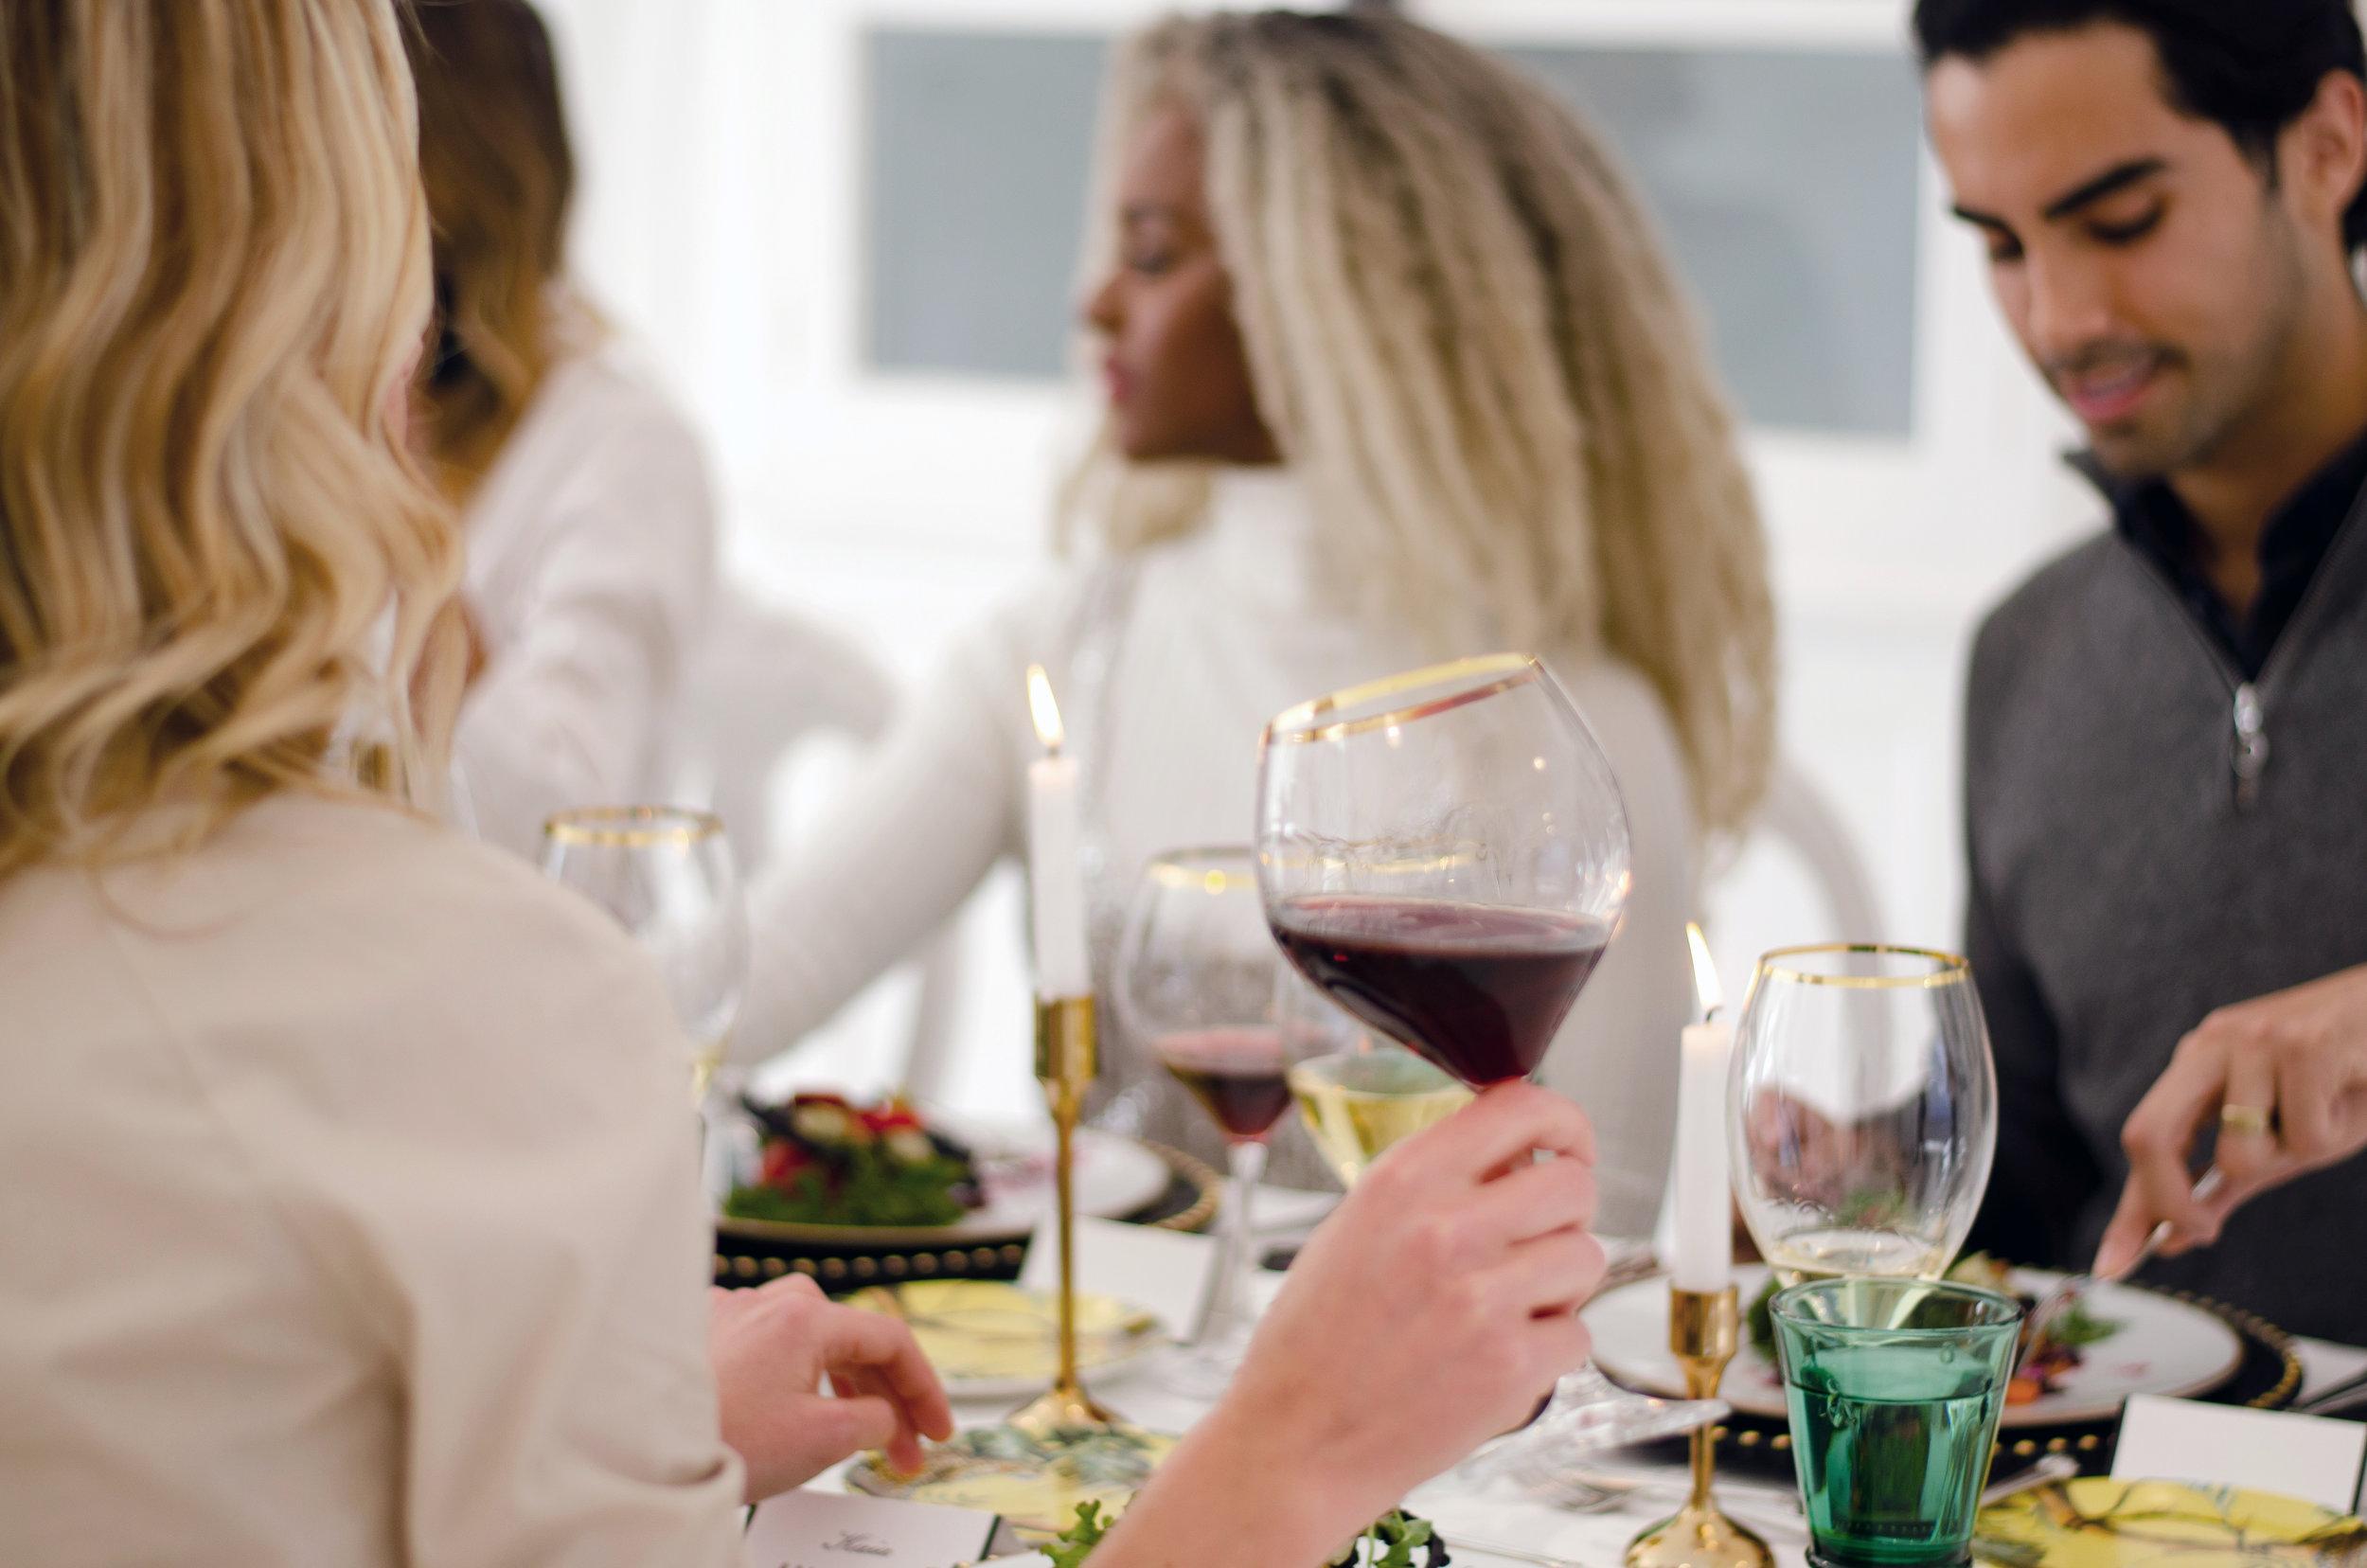 Luxe Fete Social Dinner.jpg